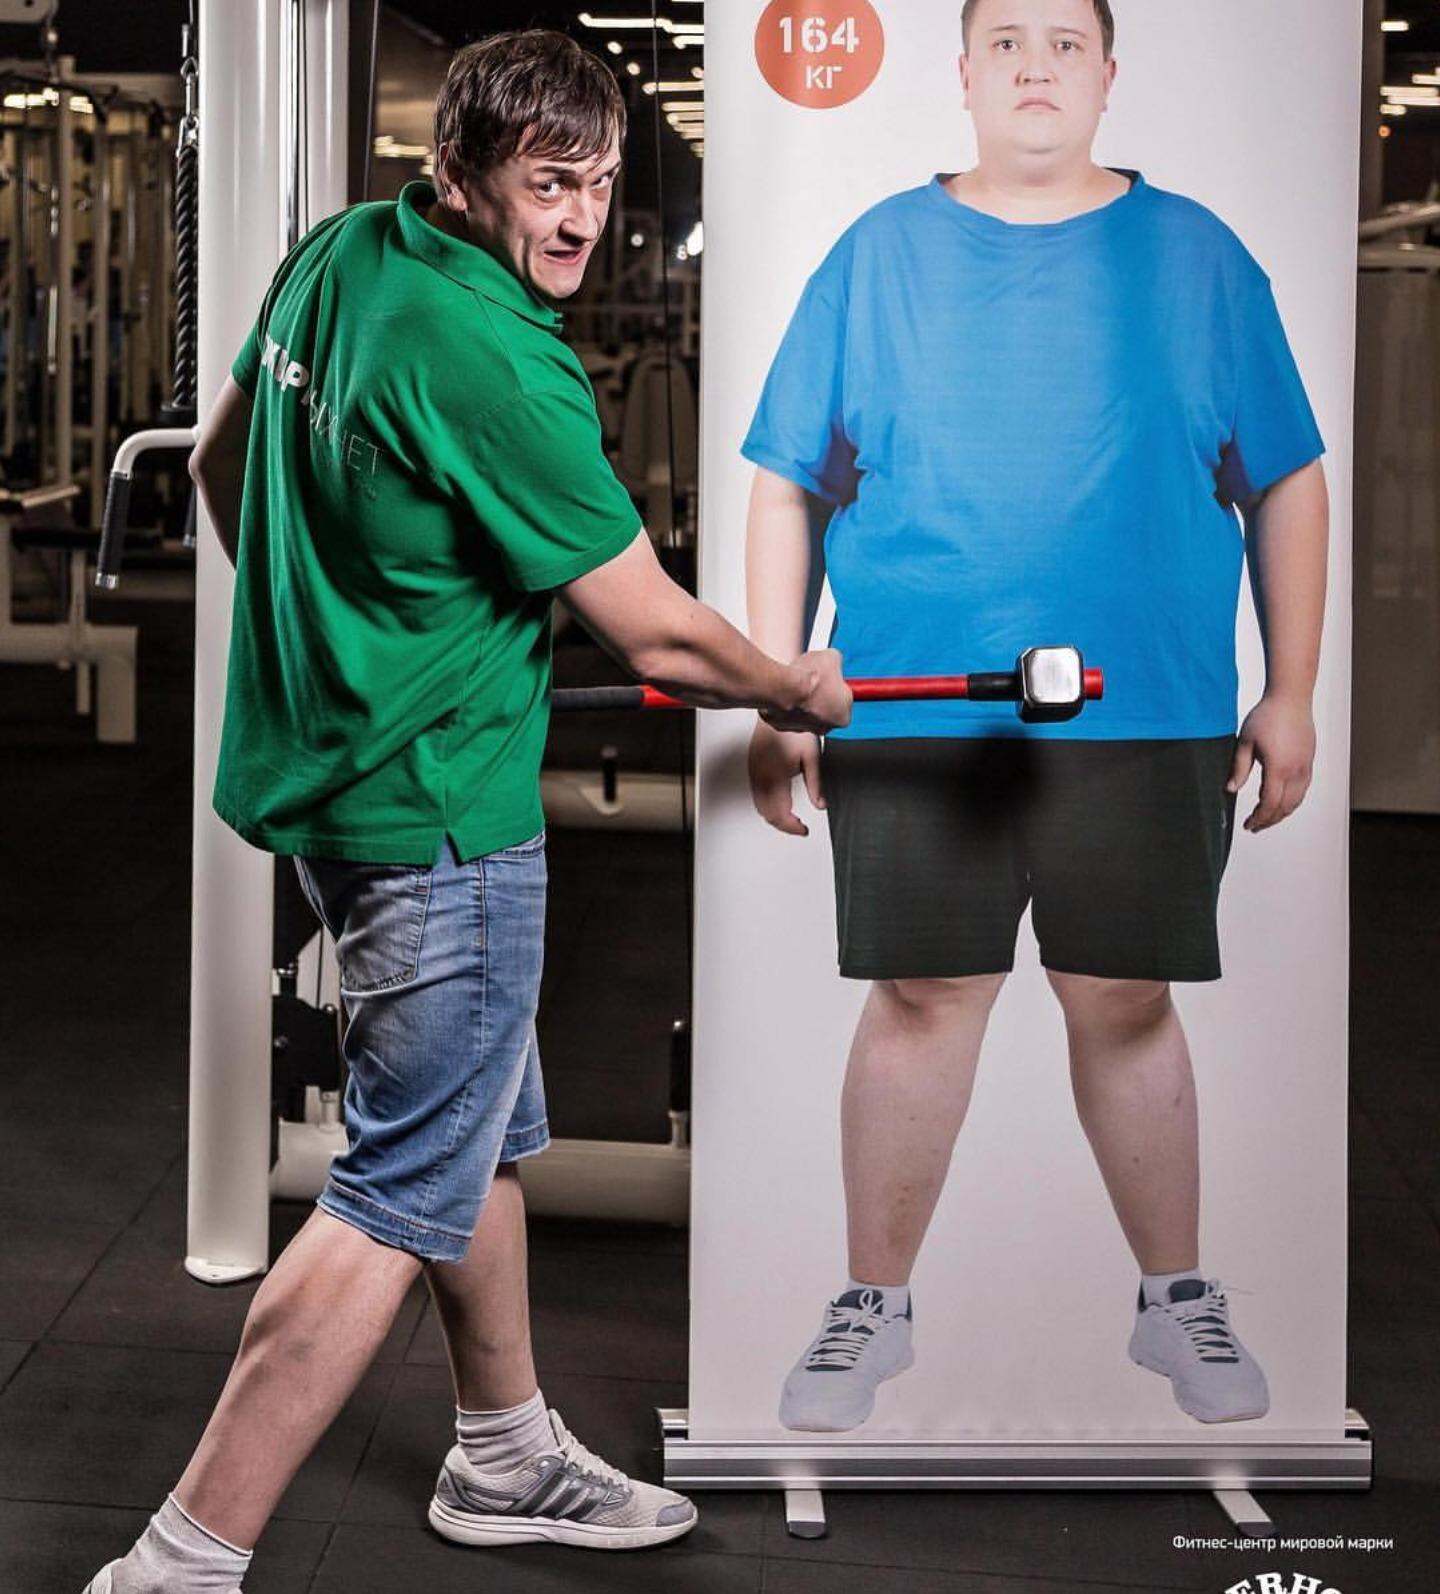 Фильмы Передачи За Похудение. 15 мотивирующих фильмов для тех, кто хочет похудеть